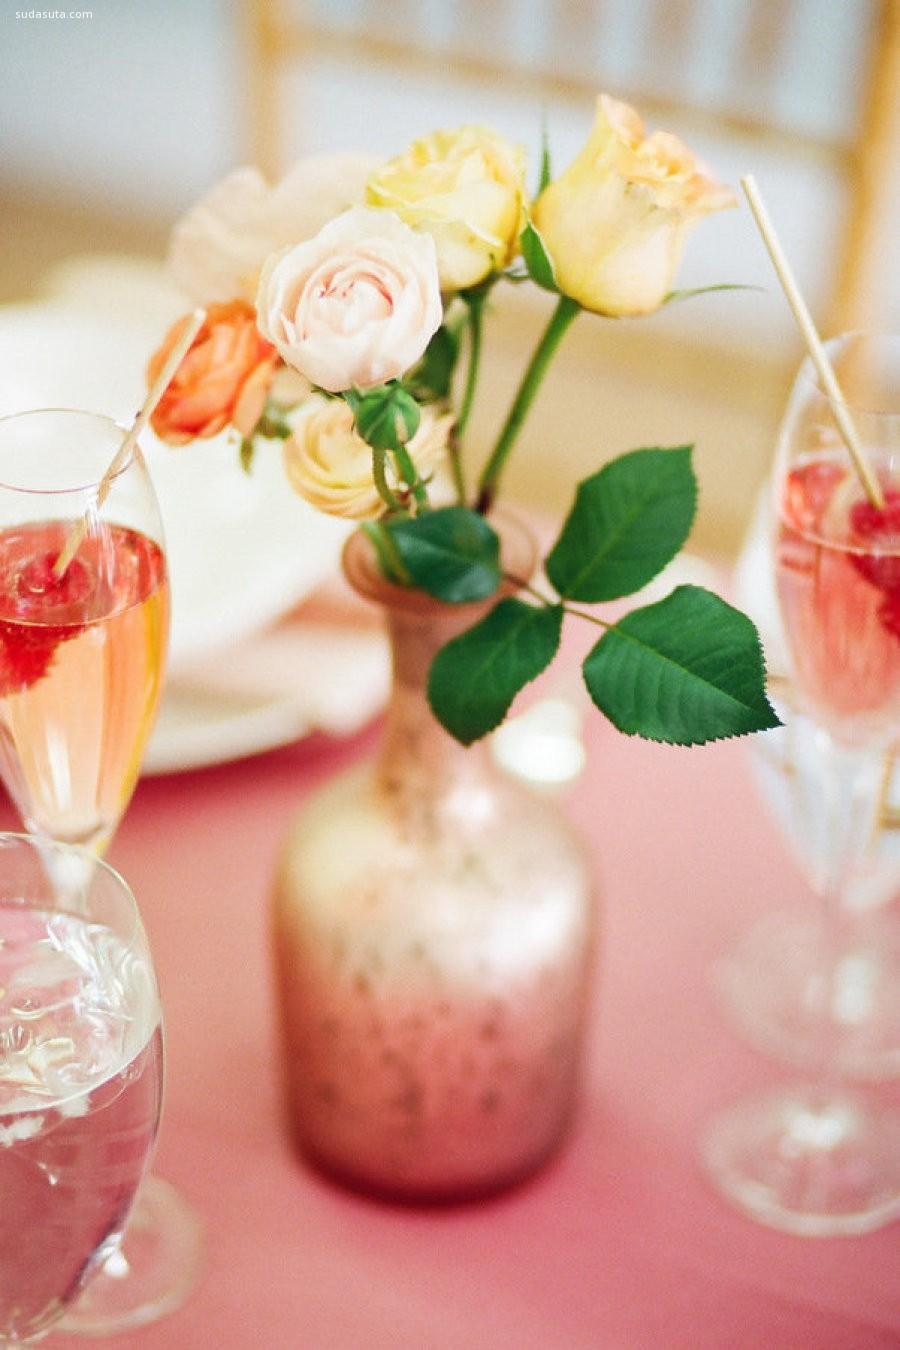 香槟色的花语清香